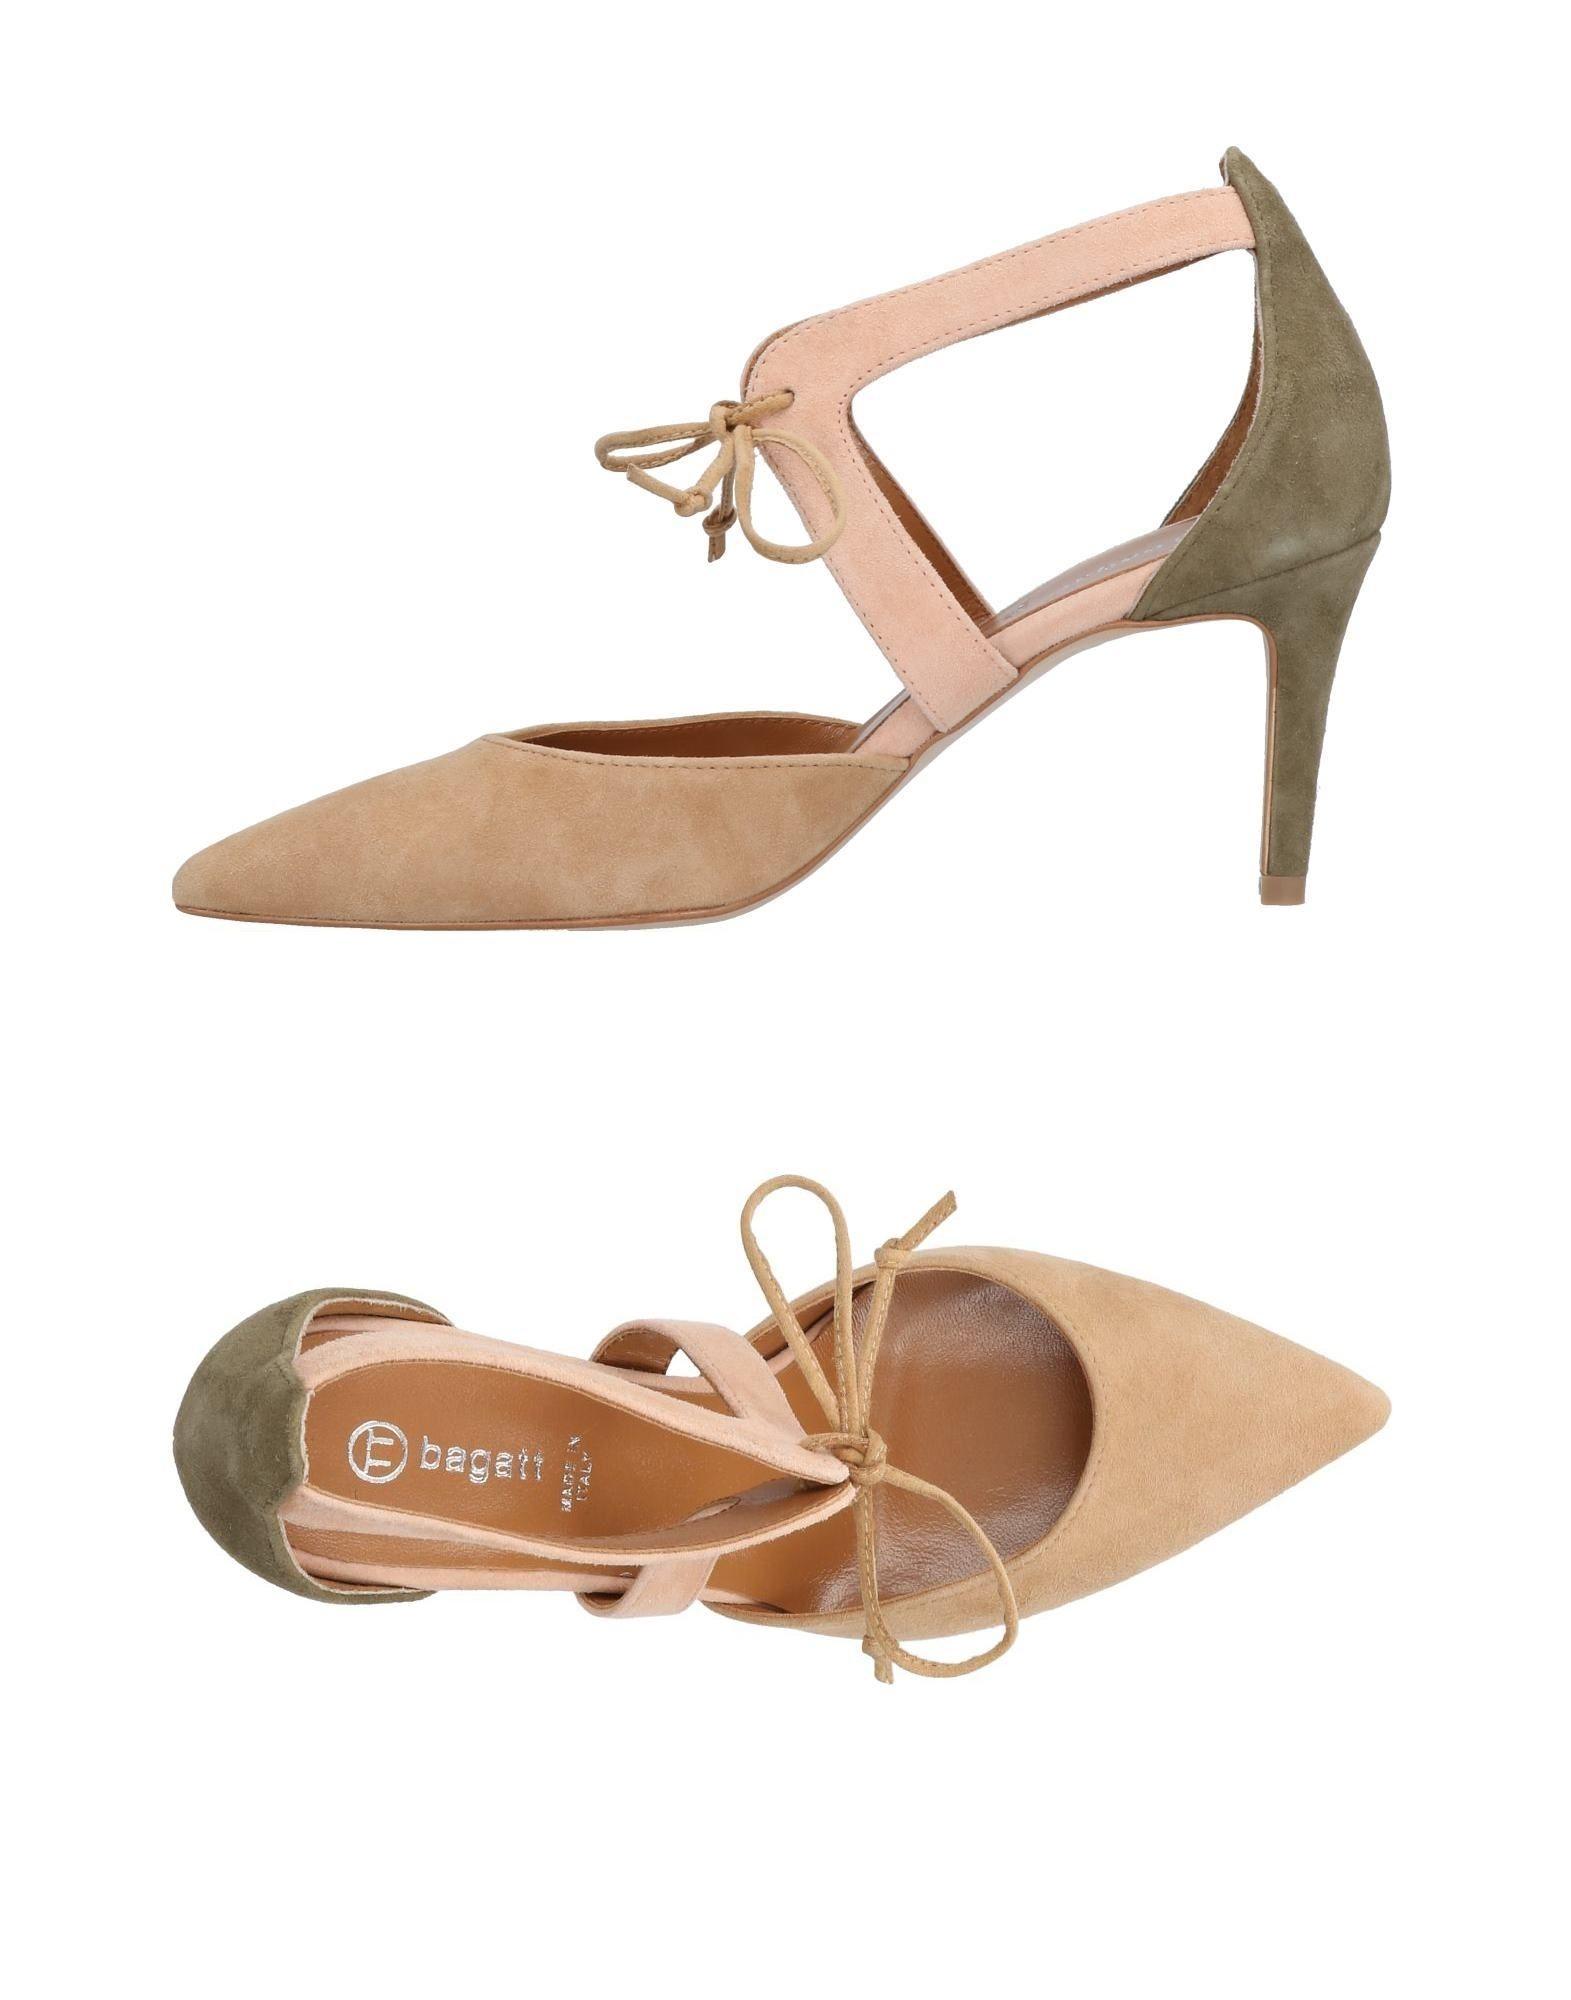 Bagatt Pumps Damen  11412822GE Gute Qualität beliebte Schuhe